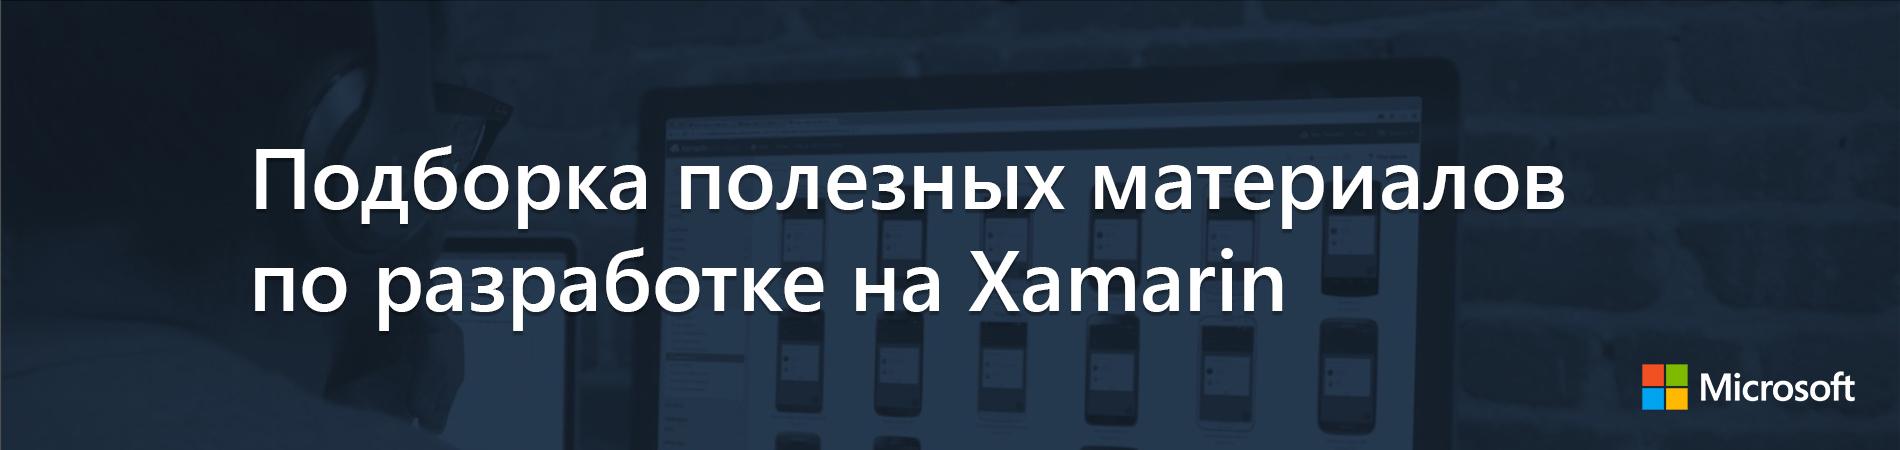 Подборка полезных материалов по разработке на Xamarin